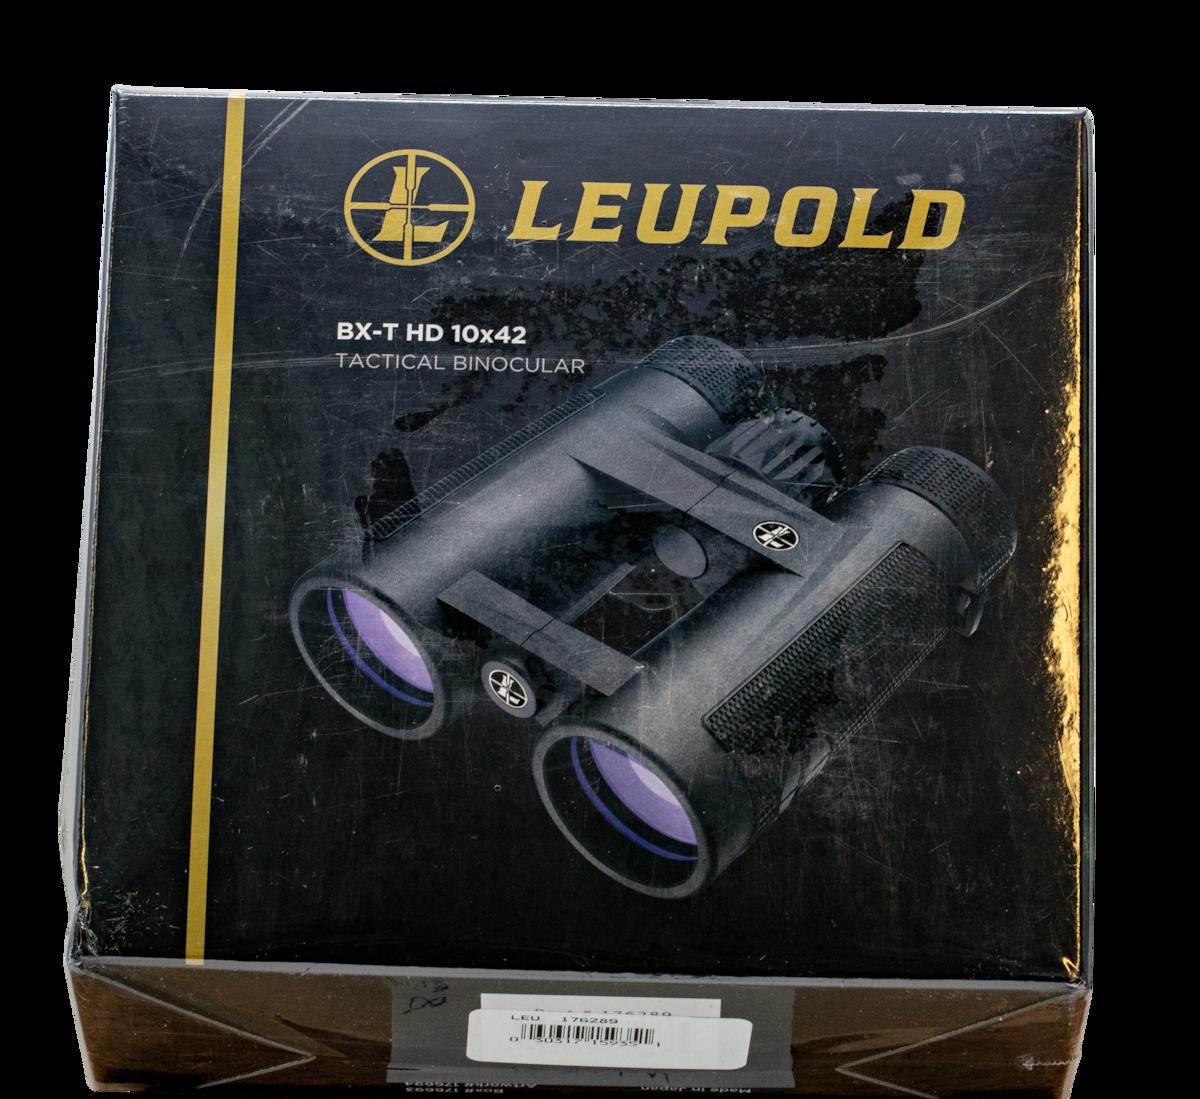 LEUPOLD BX-T